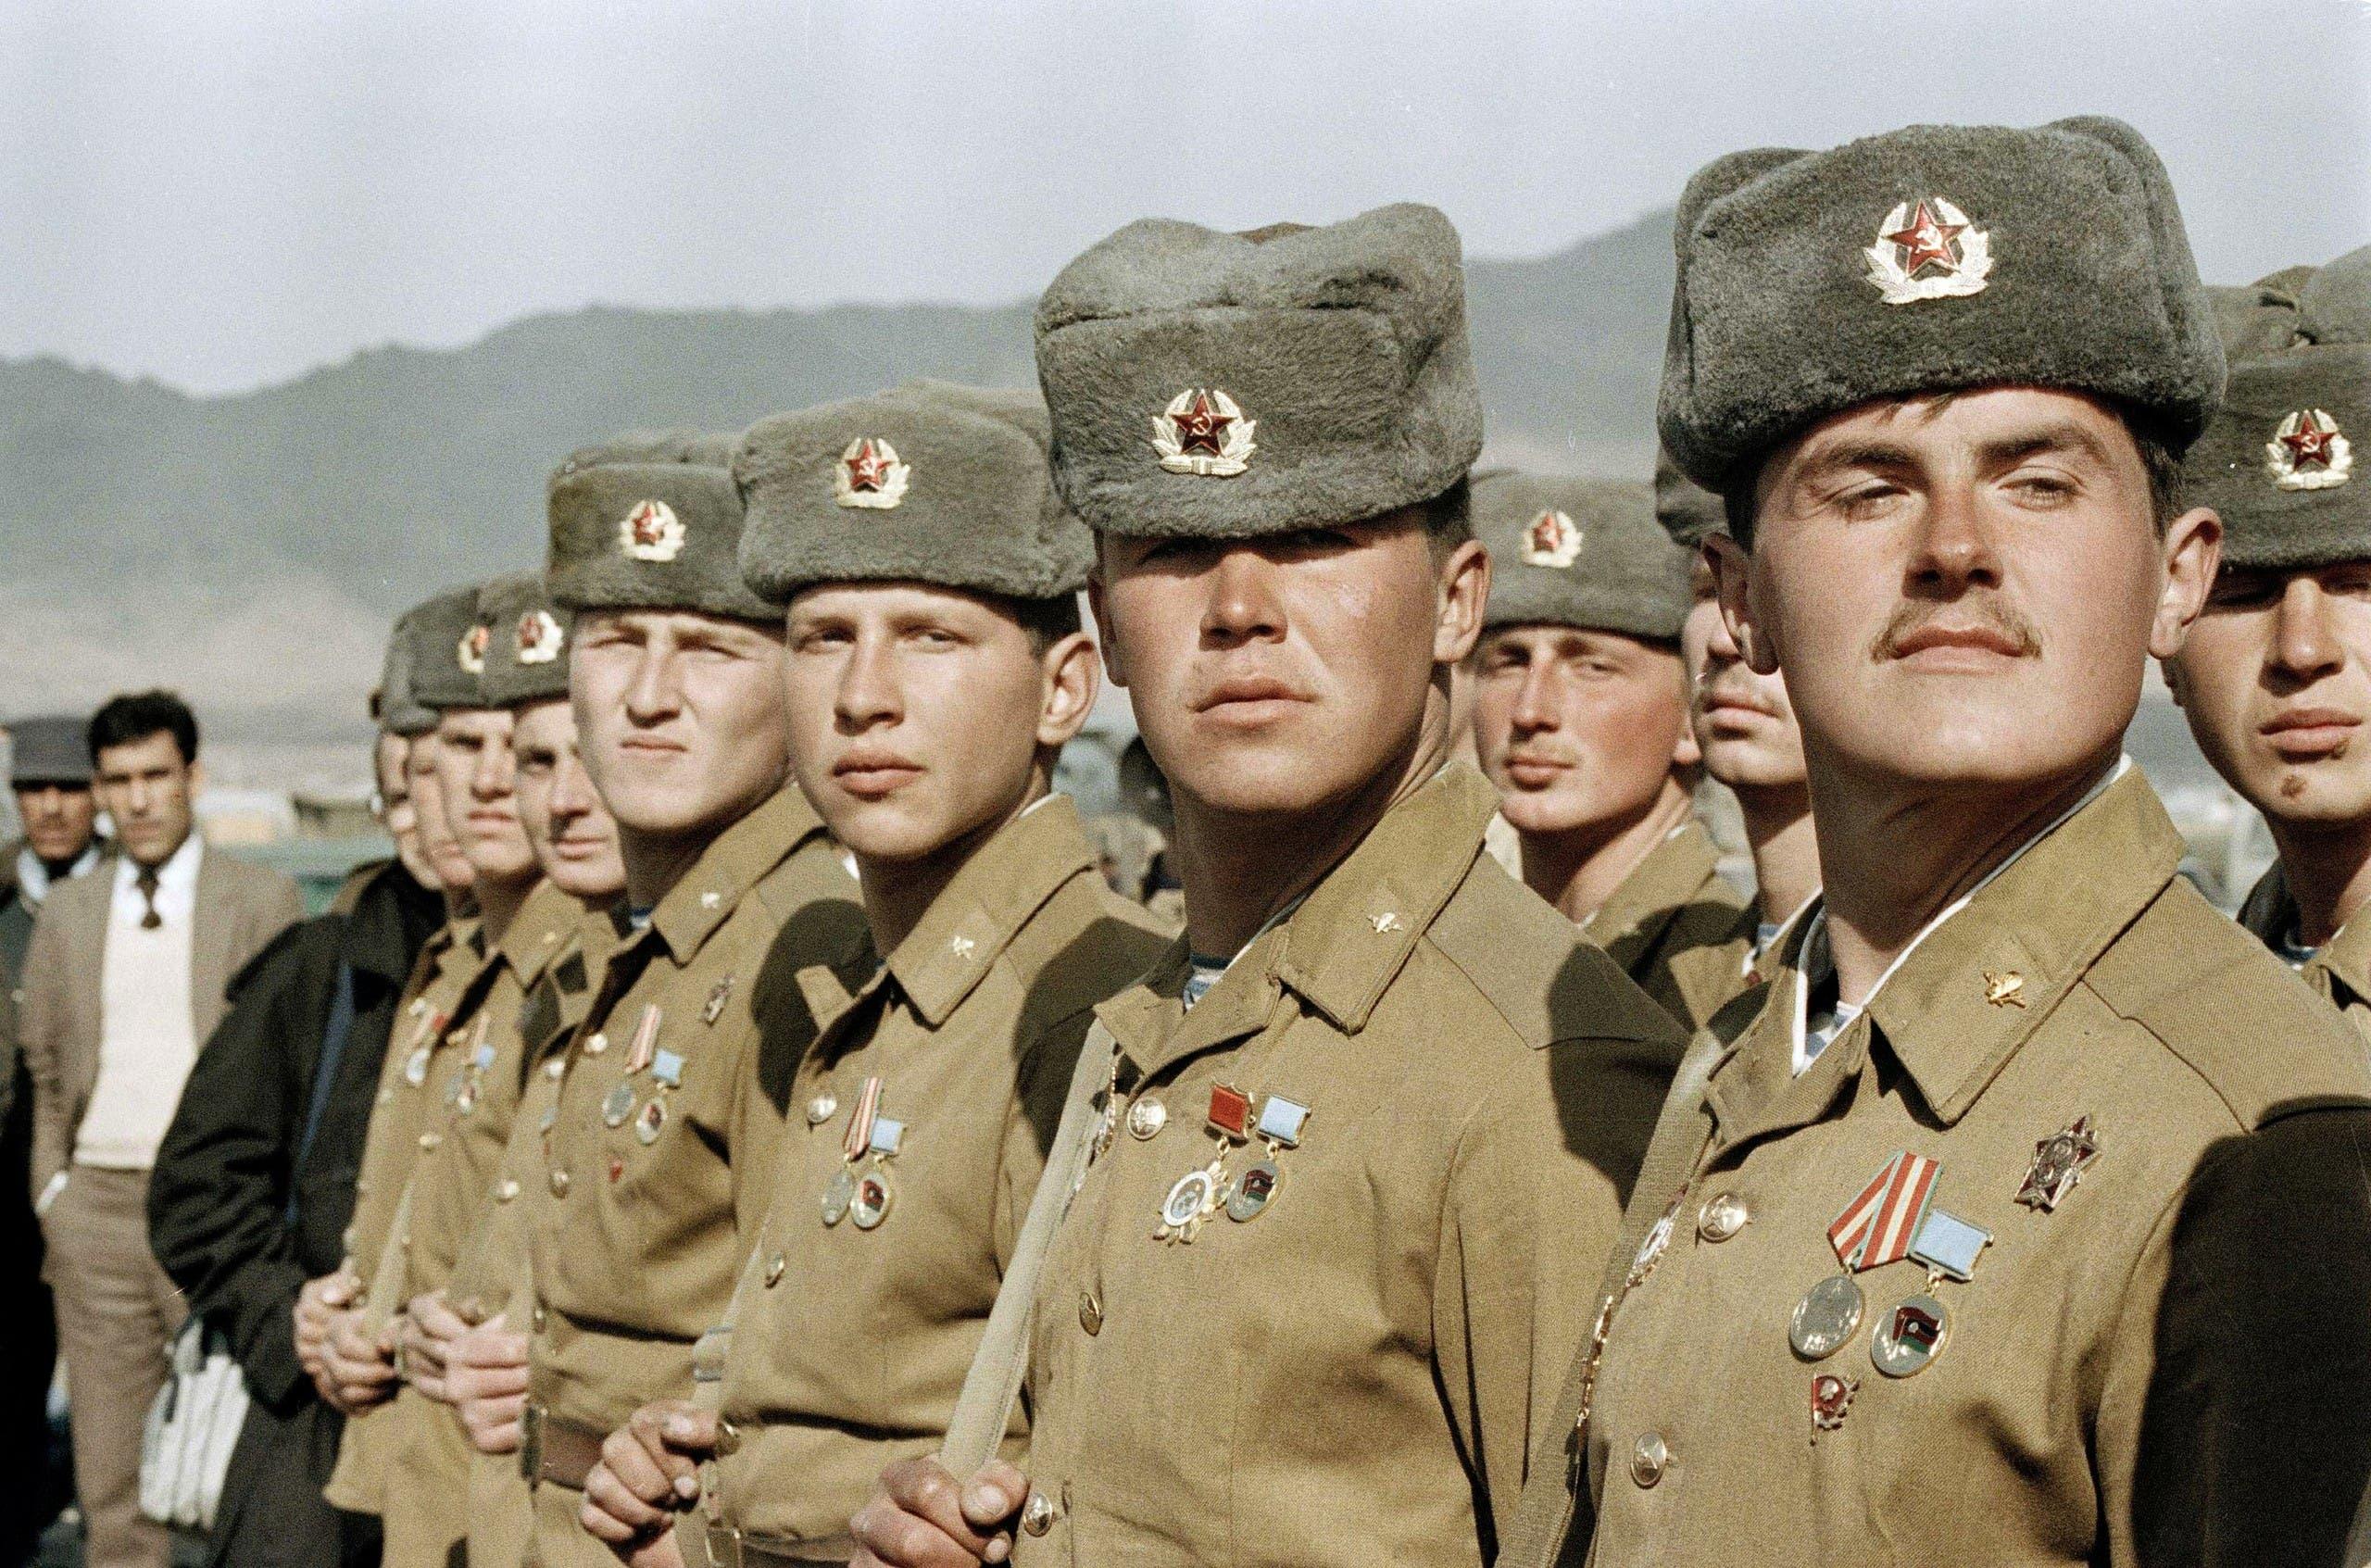 جنود سوفيت في أفغانستان